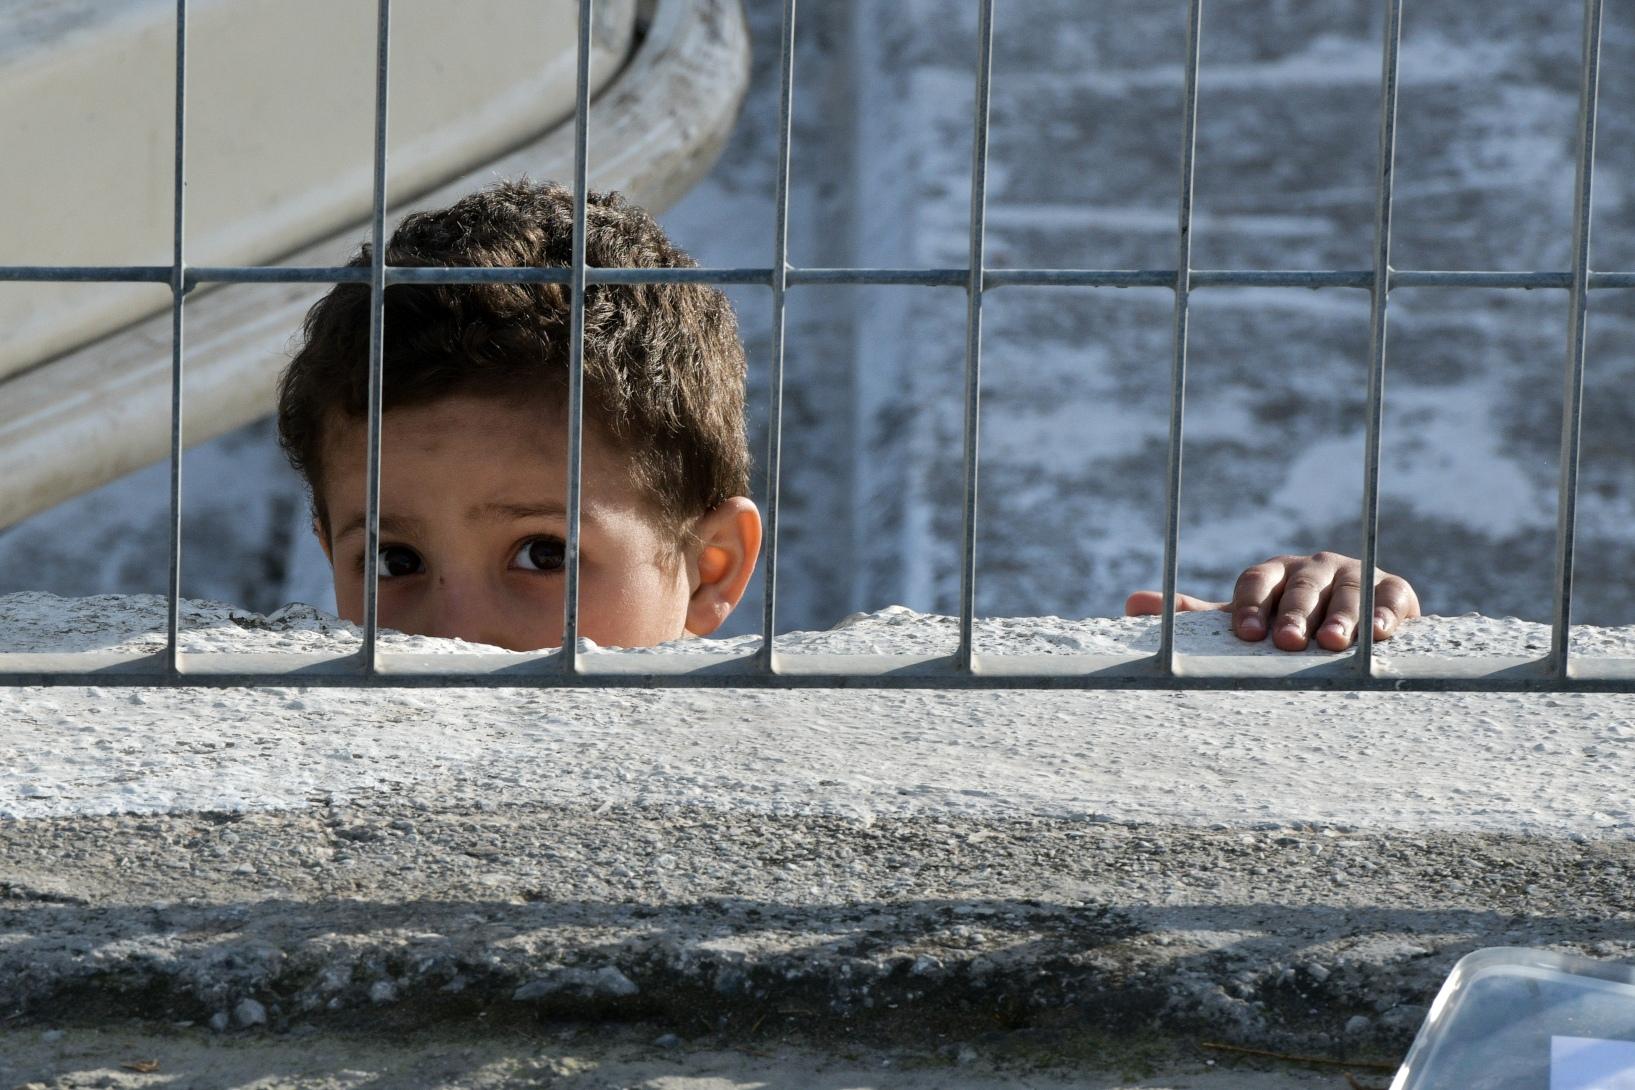 Κομισιόν: Άμεση μετεγκατάσταση 5.500 ασυνόδευτων παιδιών που βρίσκονται στην Ελλάδα